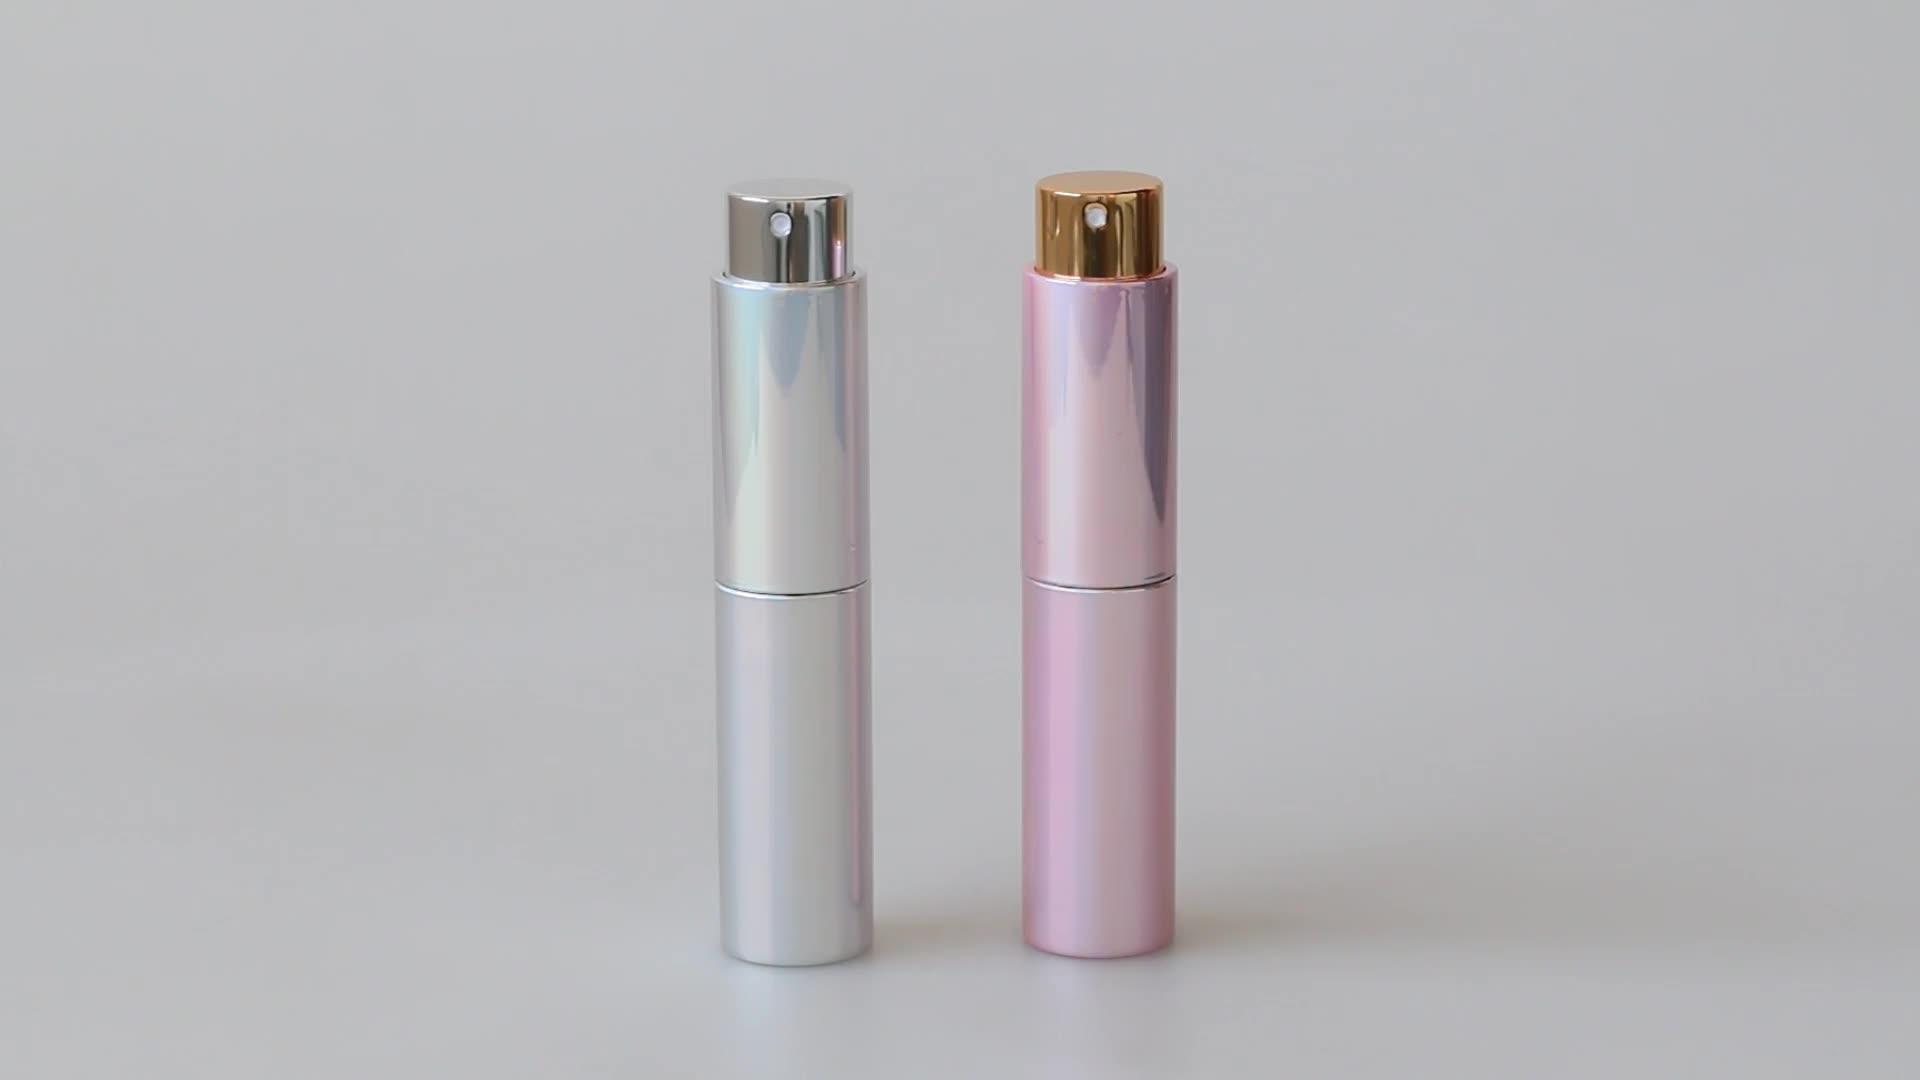 Factory direct 10ml shinning pink perfume atomizer  bottle